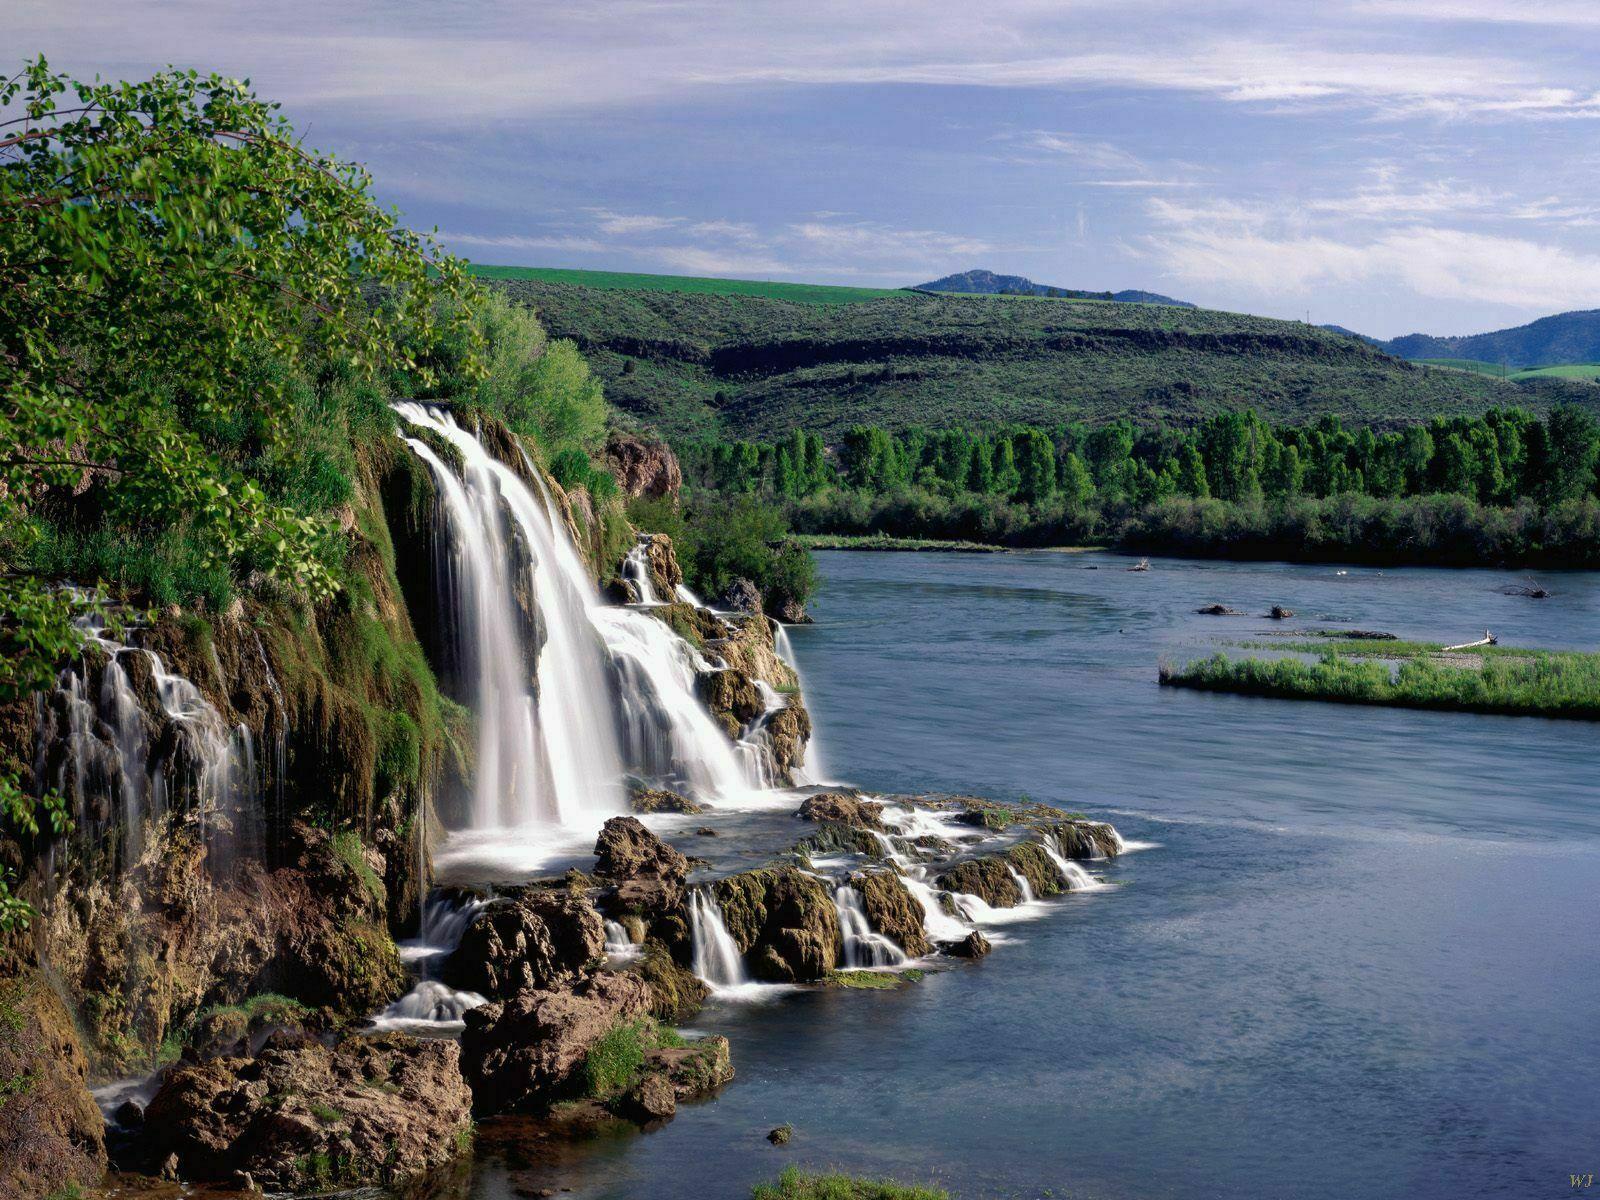 http://3.bp.blogspot.com/-U5s7BEakQ0s/T49hq09zz0I/AAAAAAAAF80/oPfdGfrE61Q/s1600/natural-landscape.jpg